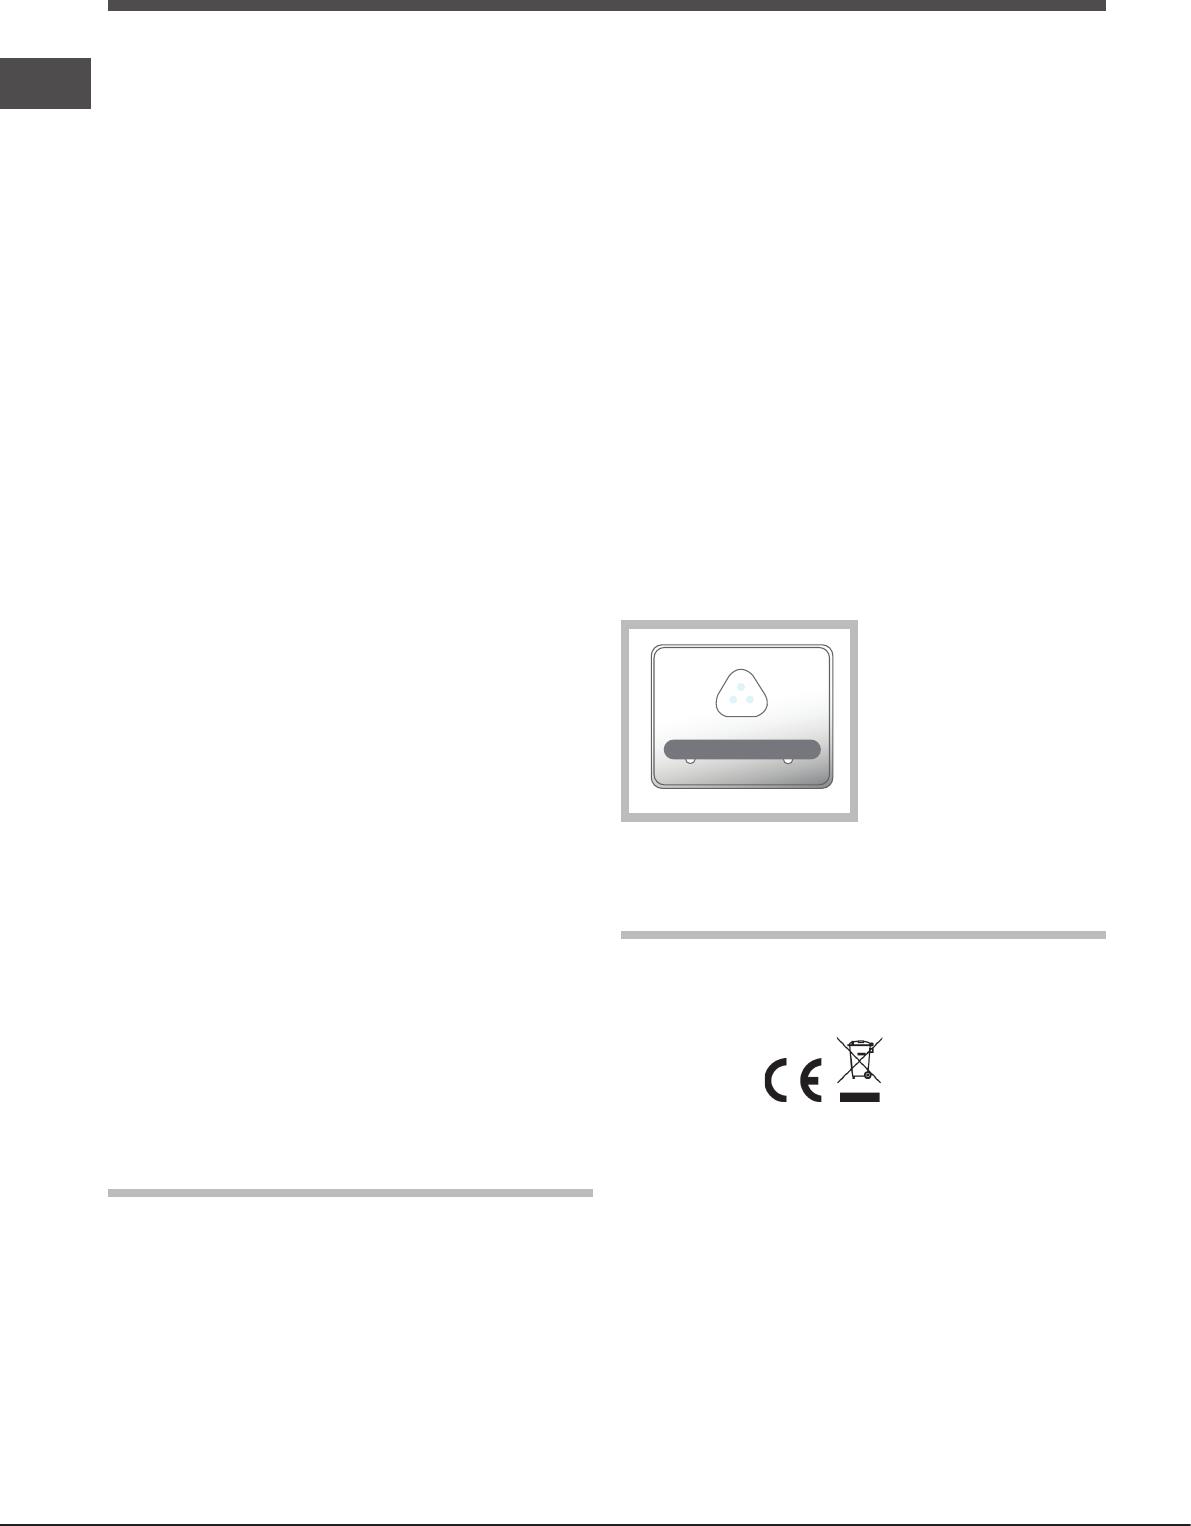 Bedienungsanleitung Hotpoint-Ariston E4D AA B C Quadrio (Seite 31 ...